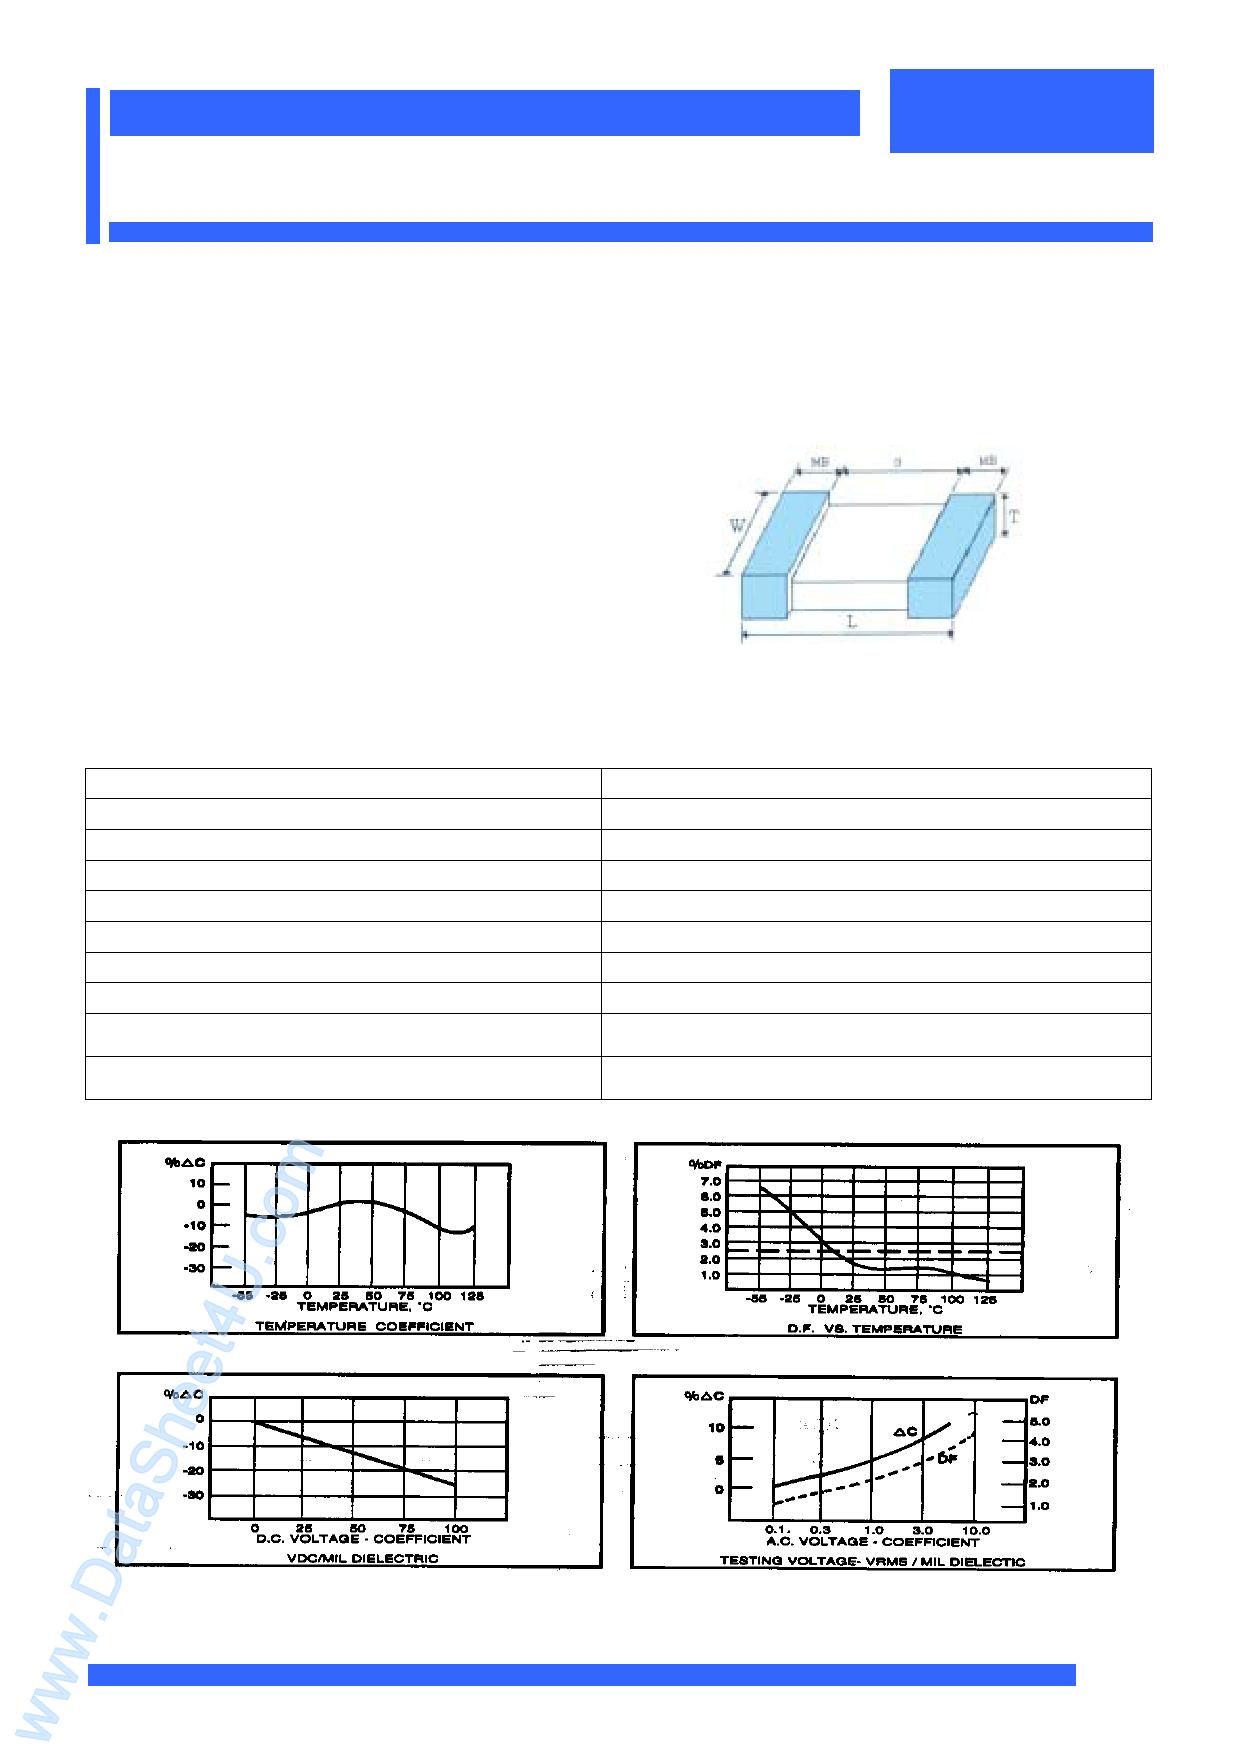 U0603xxxx datasheet